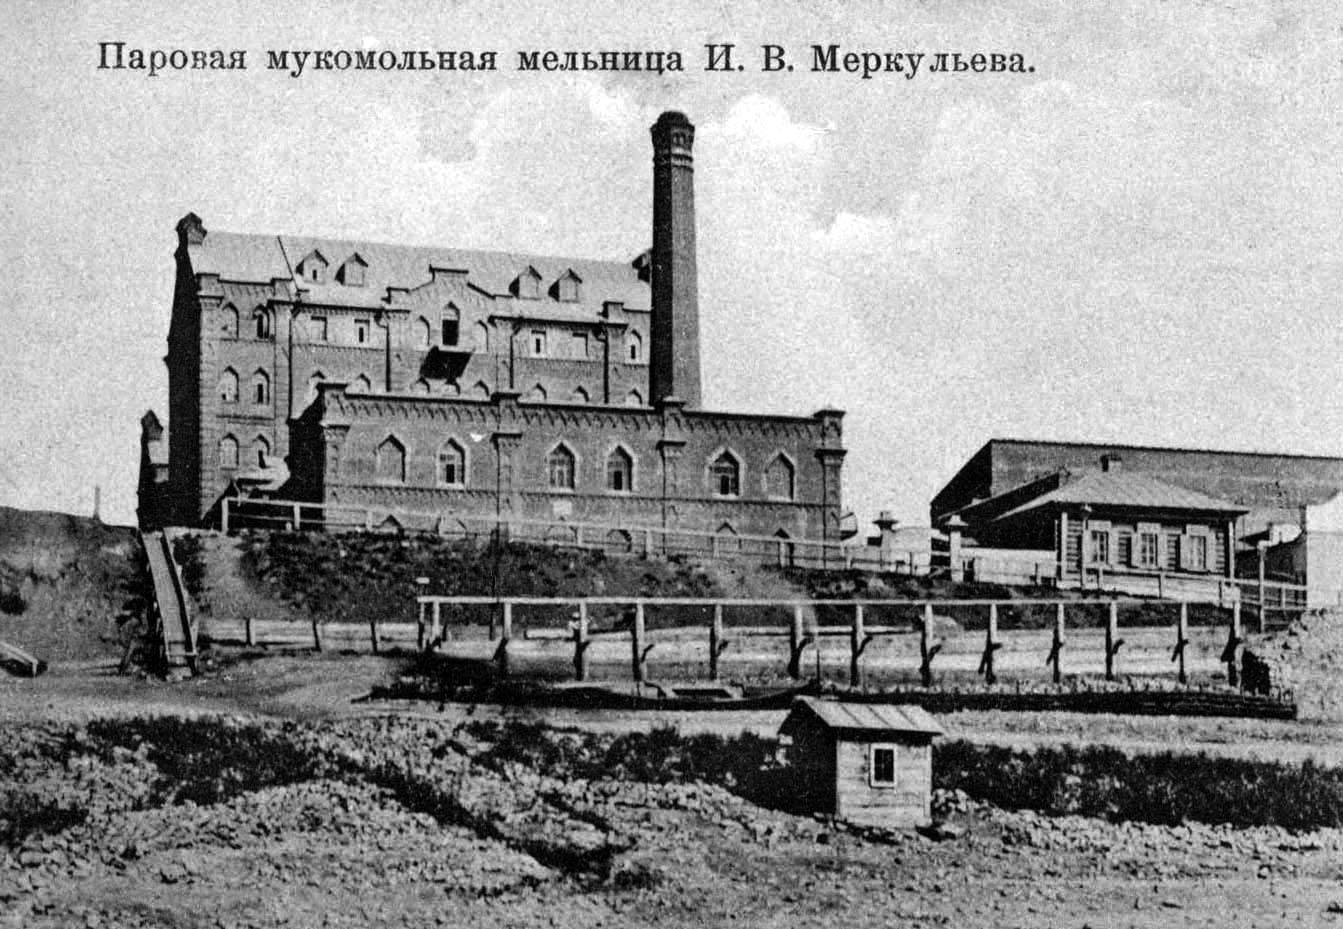 Паровая мукомольная мельница И.В. Меркульева